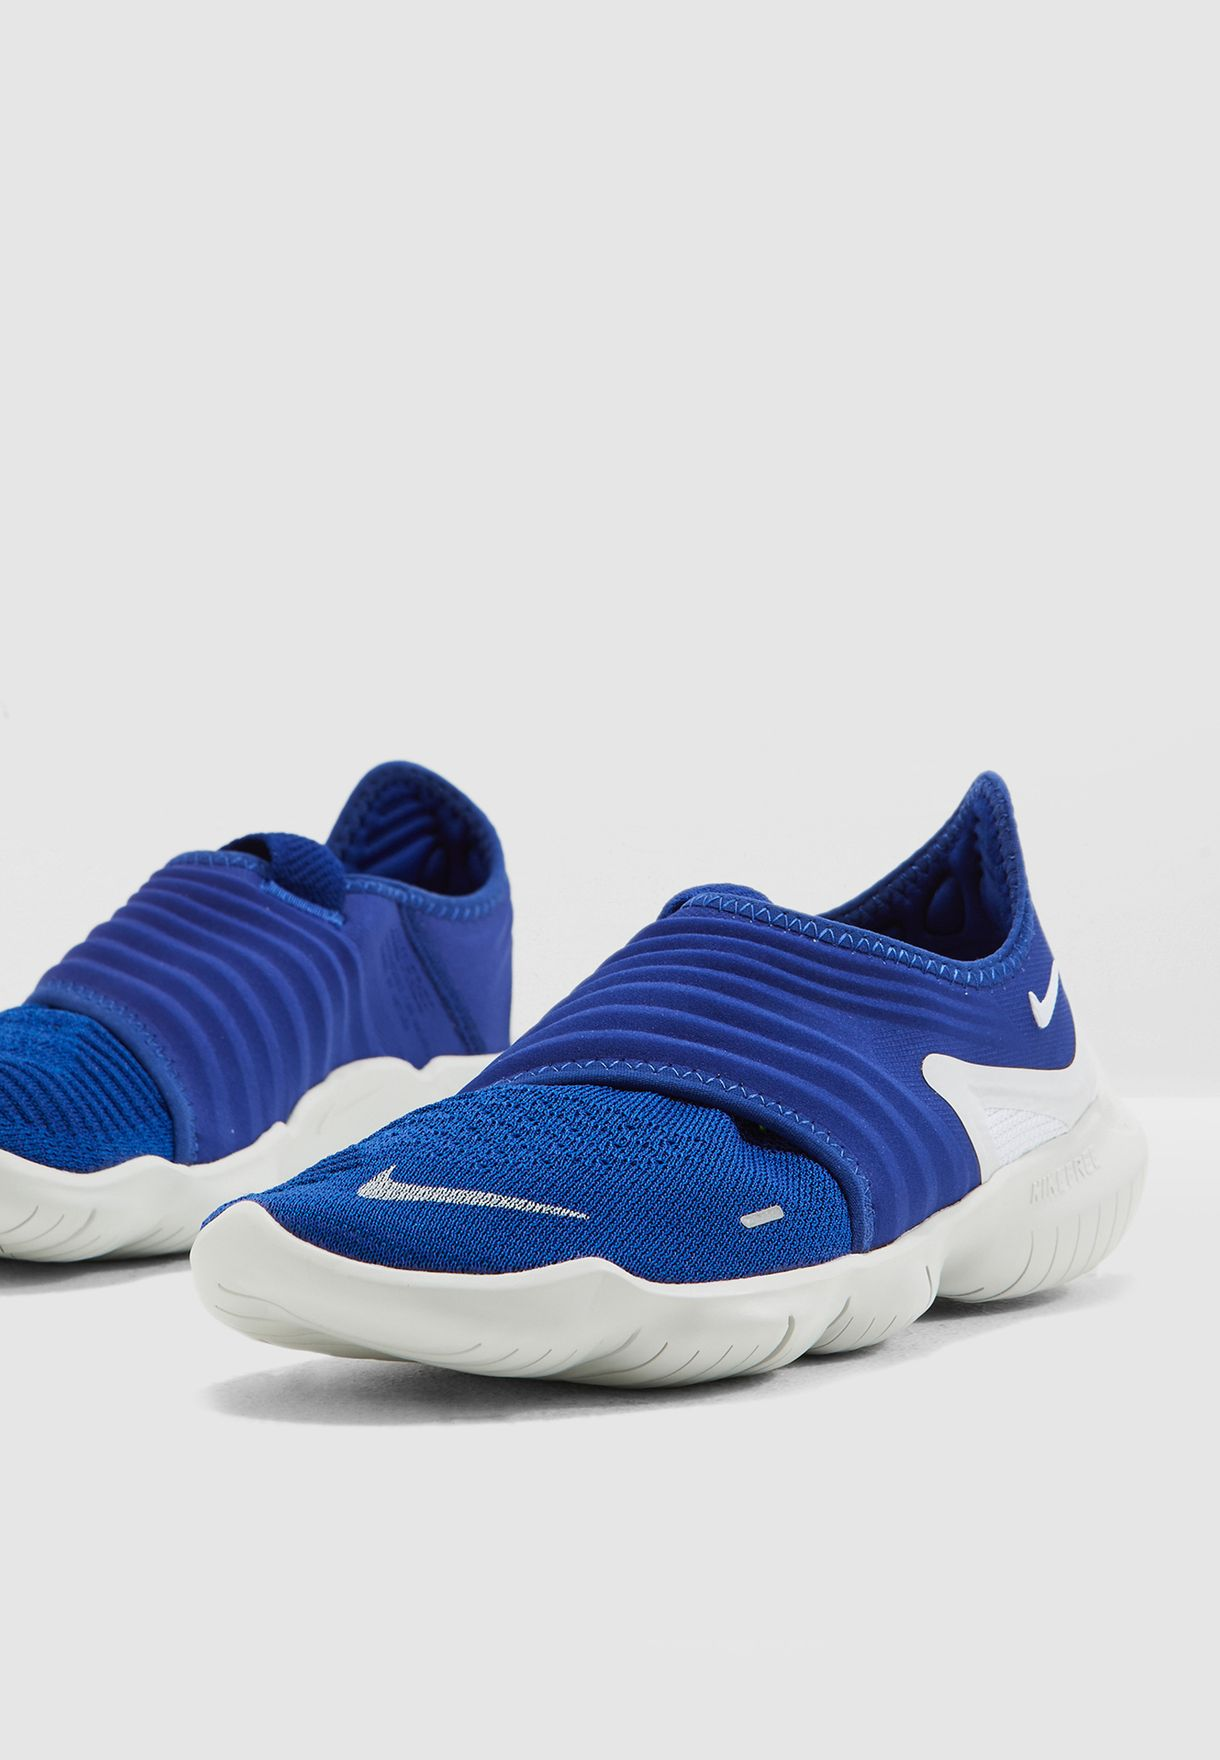 cbf810d2ddbe9 Shop Nike blue Free RN Flyknit 3.0 AQ5707-401 for Men in UAE ...